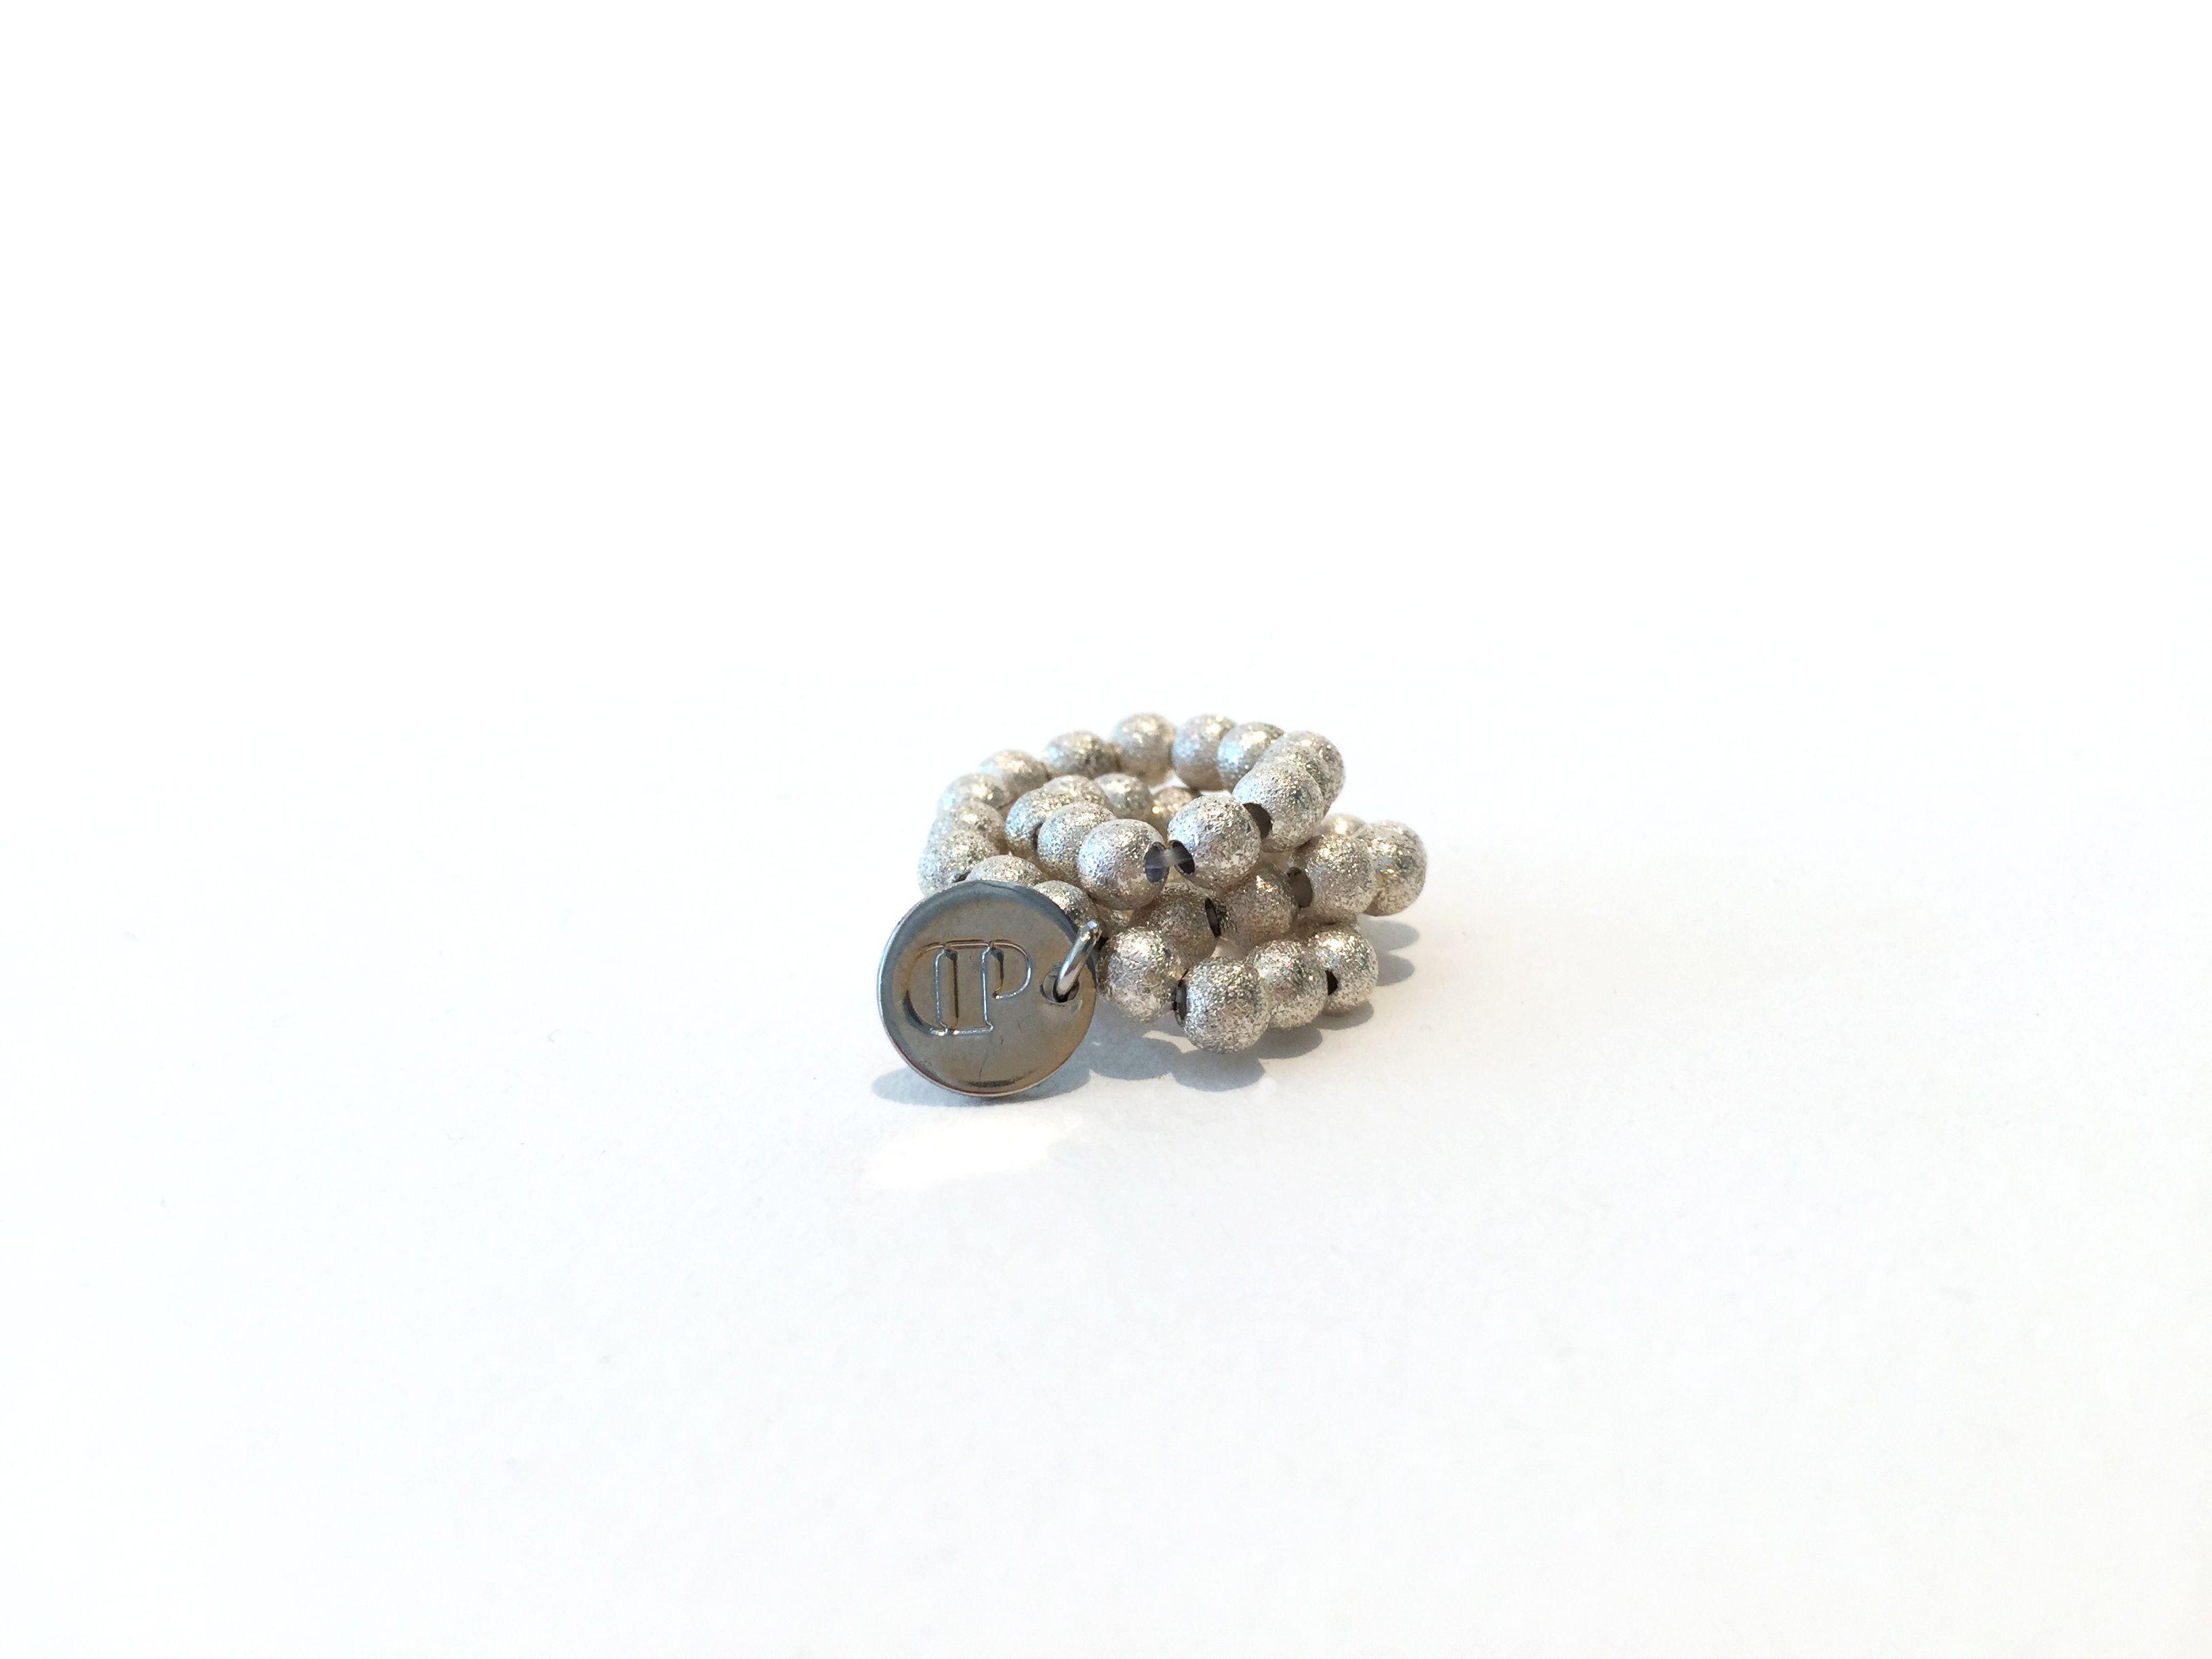 Dieses hübsche Armband besteht aus 4 mm Stardust-Kugeln. Das Armband ist elastisch, ohne Verschluss, lässt sich ganz einfach über das Handgelenk streifen, ist leicht und sehr angenehm zu tragen! Ein echter Allrounder und toll in Kombination mit anderen Armbändern... #braclets #elastic #pearls #armbänder #perlen #DPbeanies